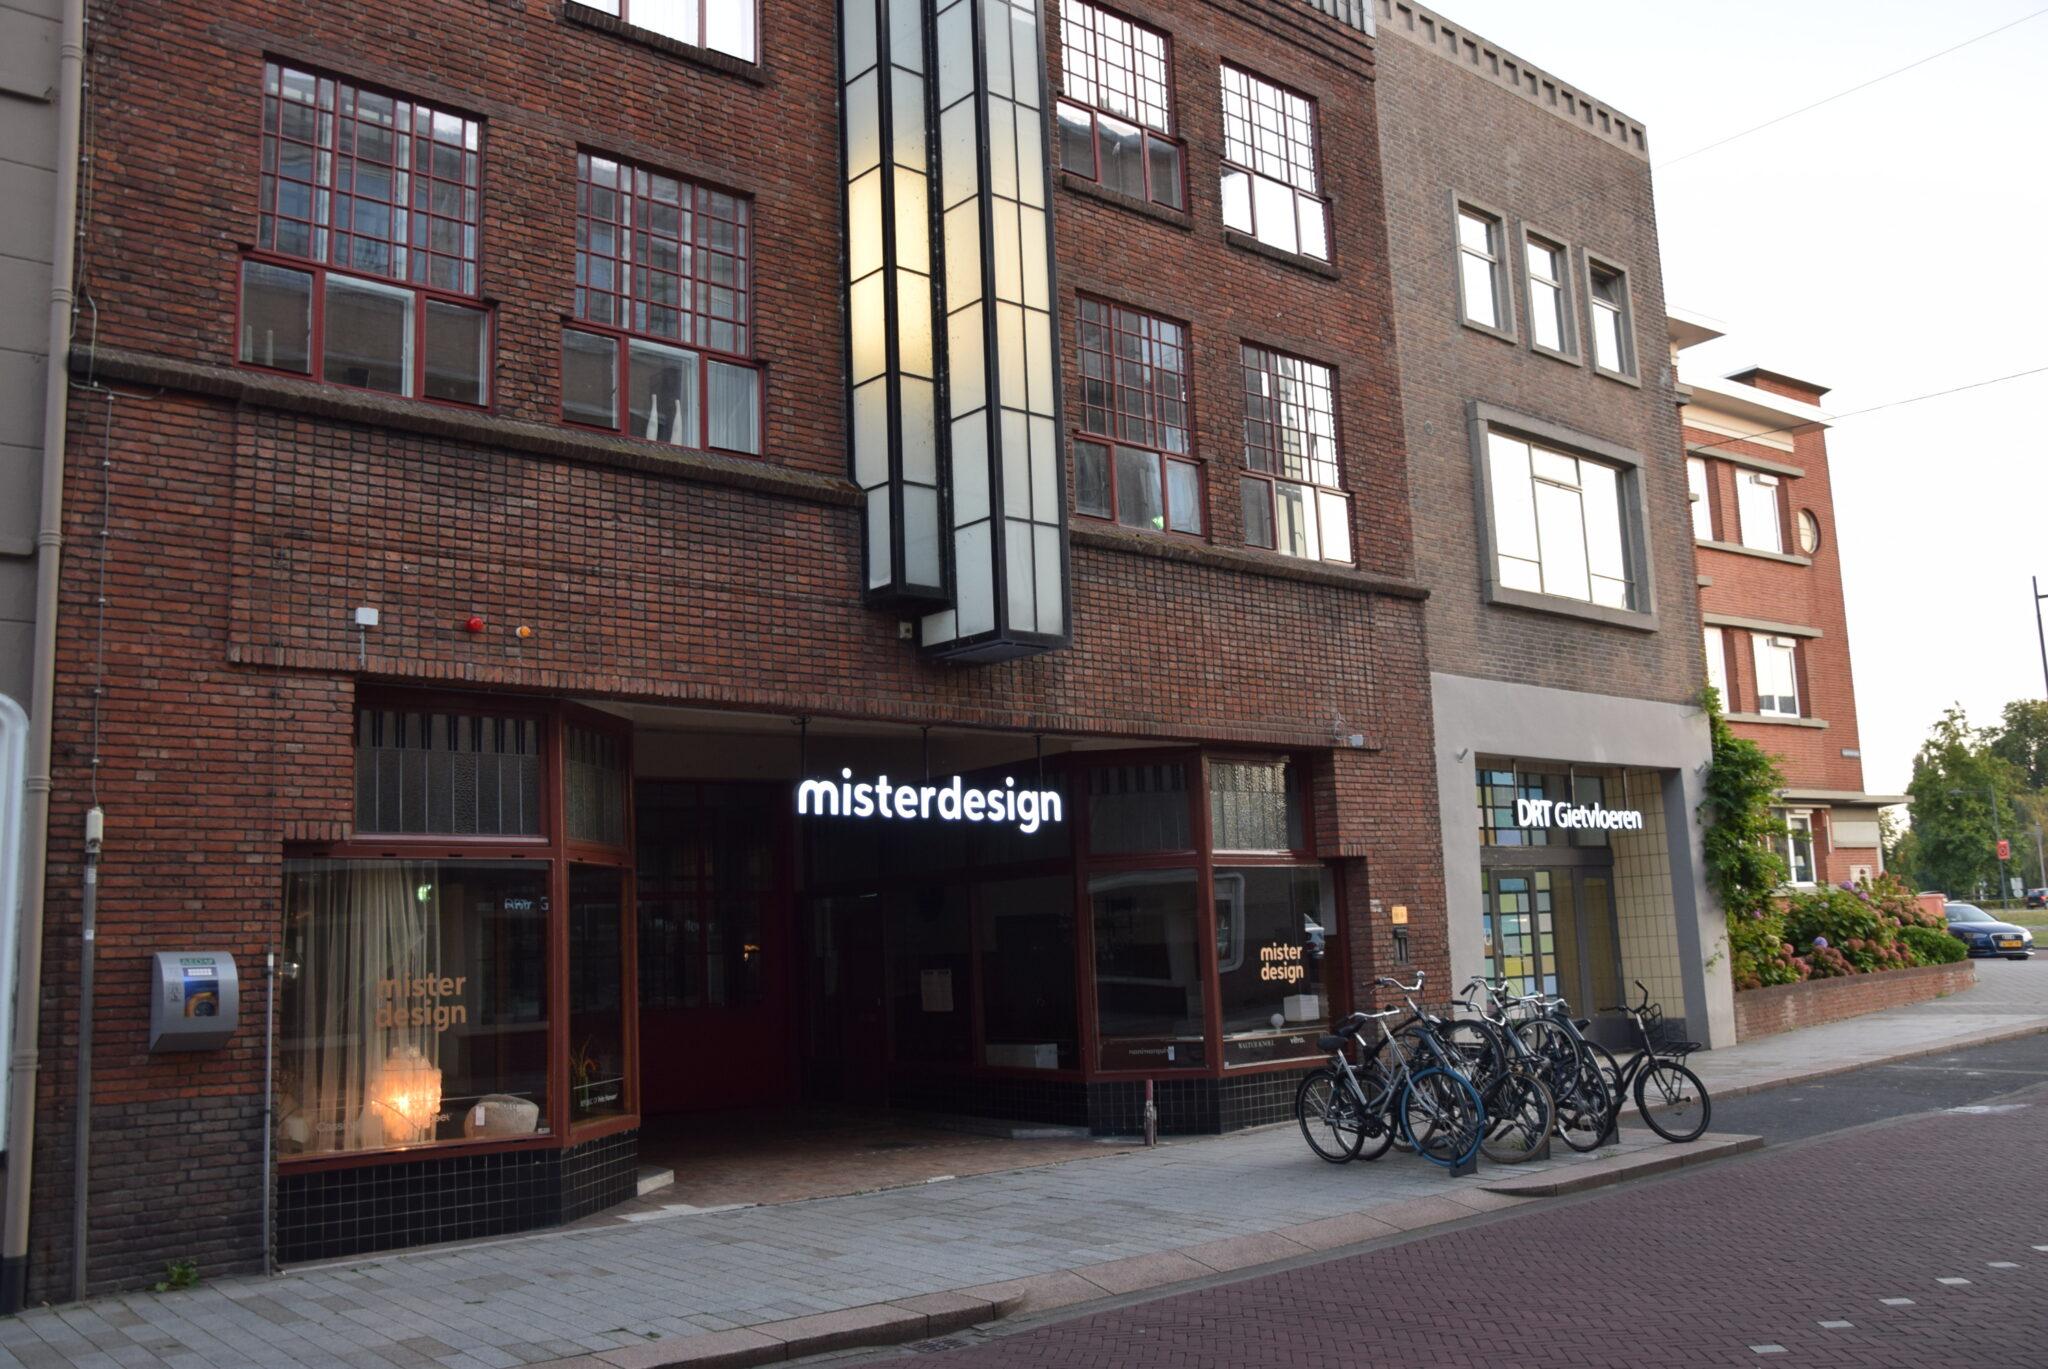 MisterDesign in Den Bosch